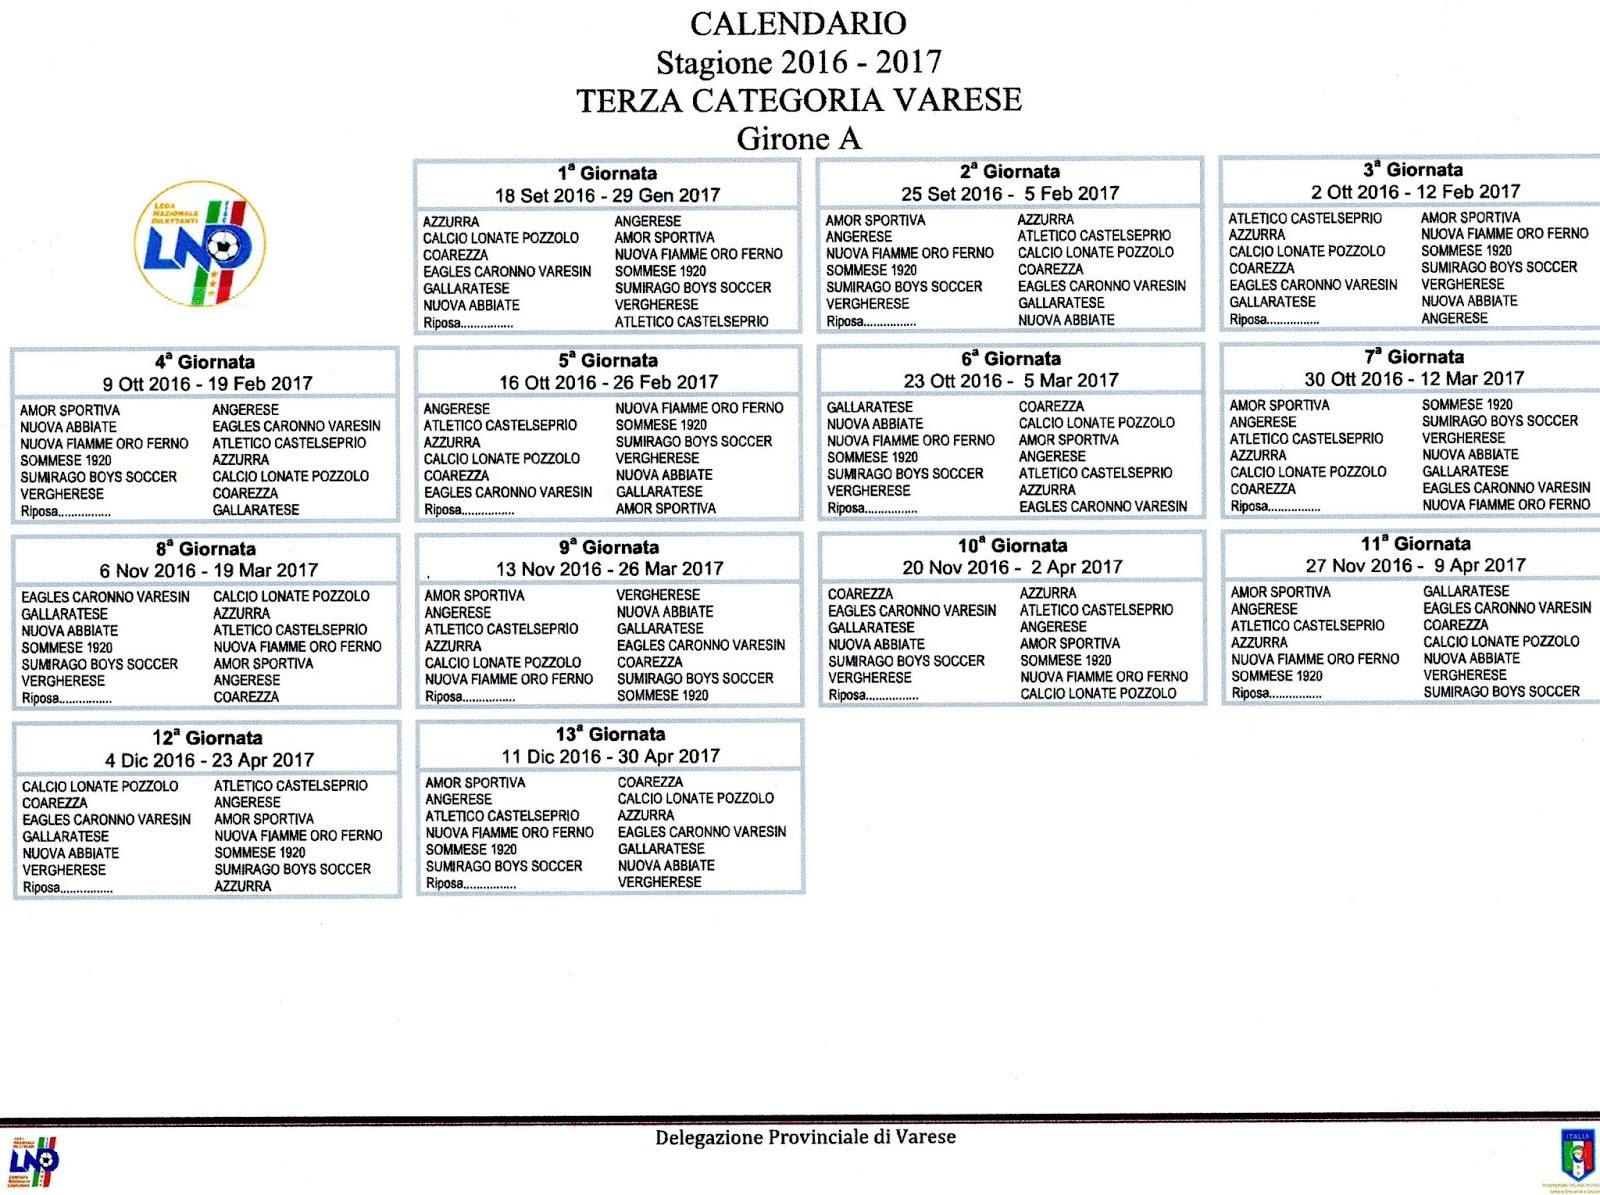 Calendario Terza Categoria.Gruppo Sportivo Eagles Calendario Terza Categoria